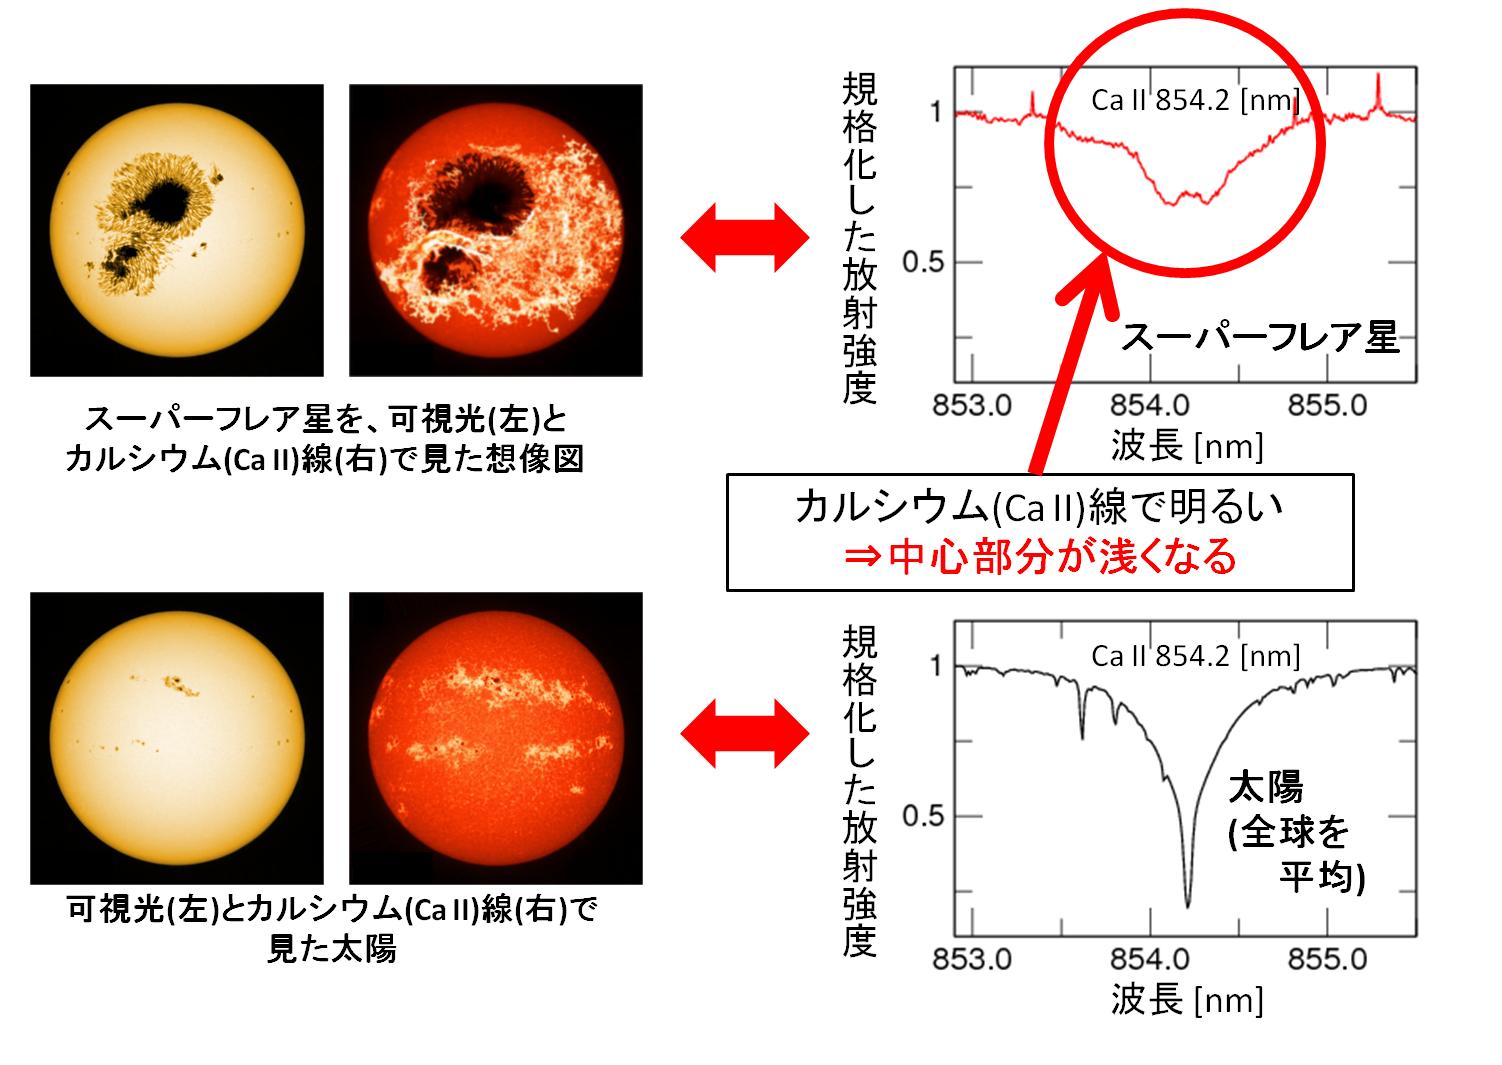 すばる望遠鏡で迫るスーパーフレア星の正体 図3